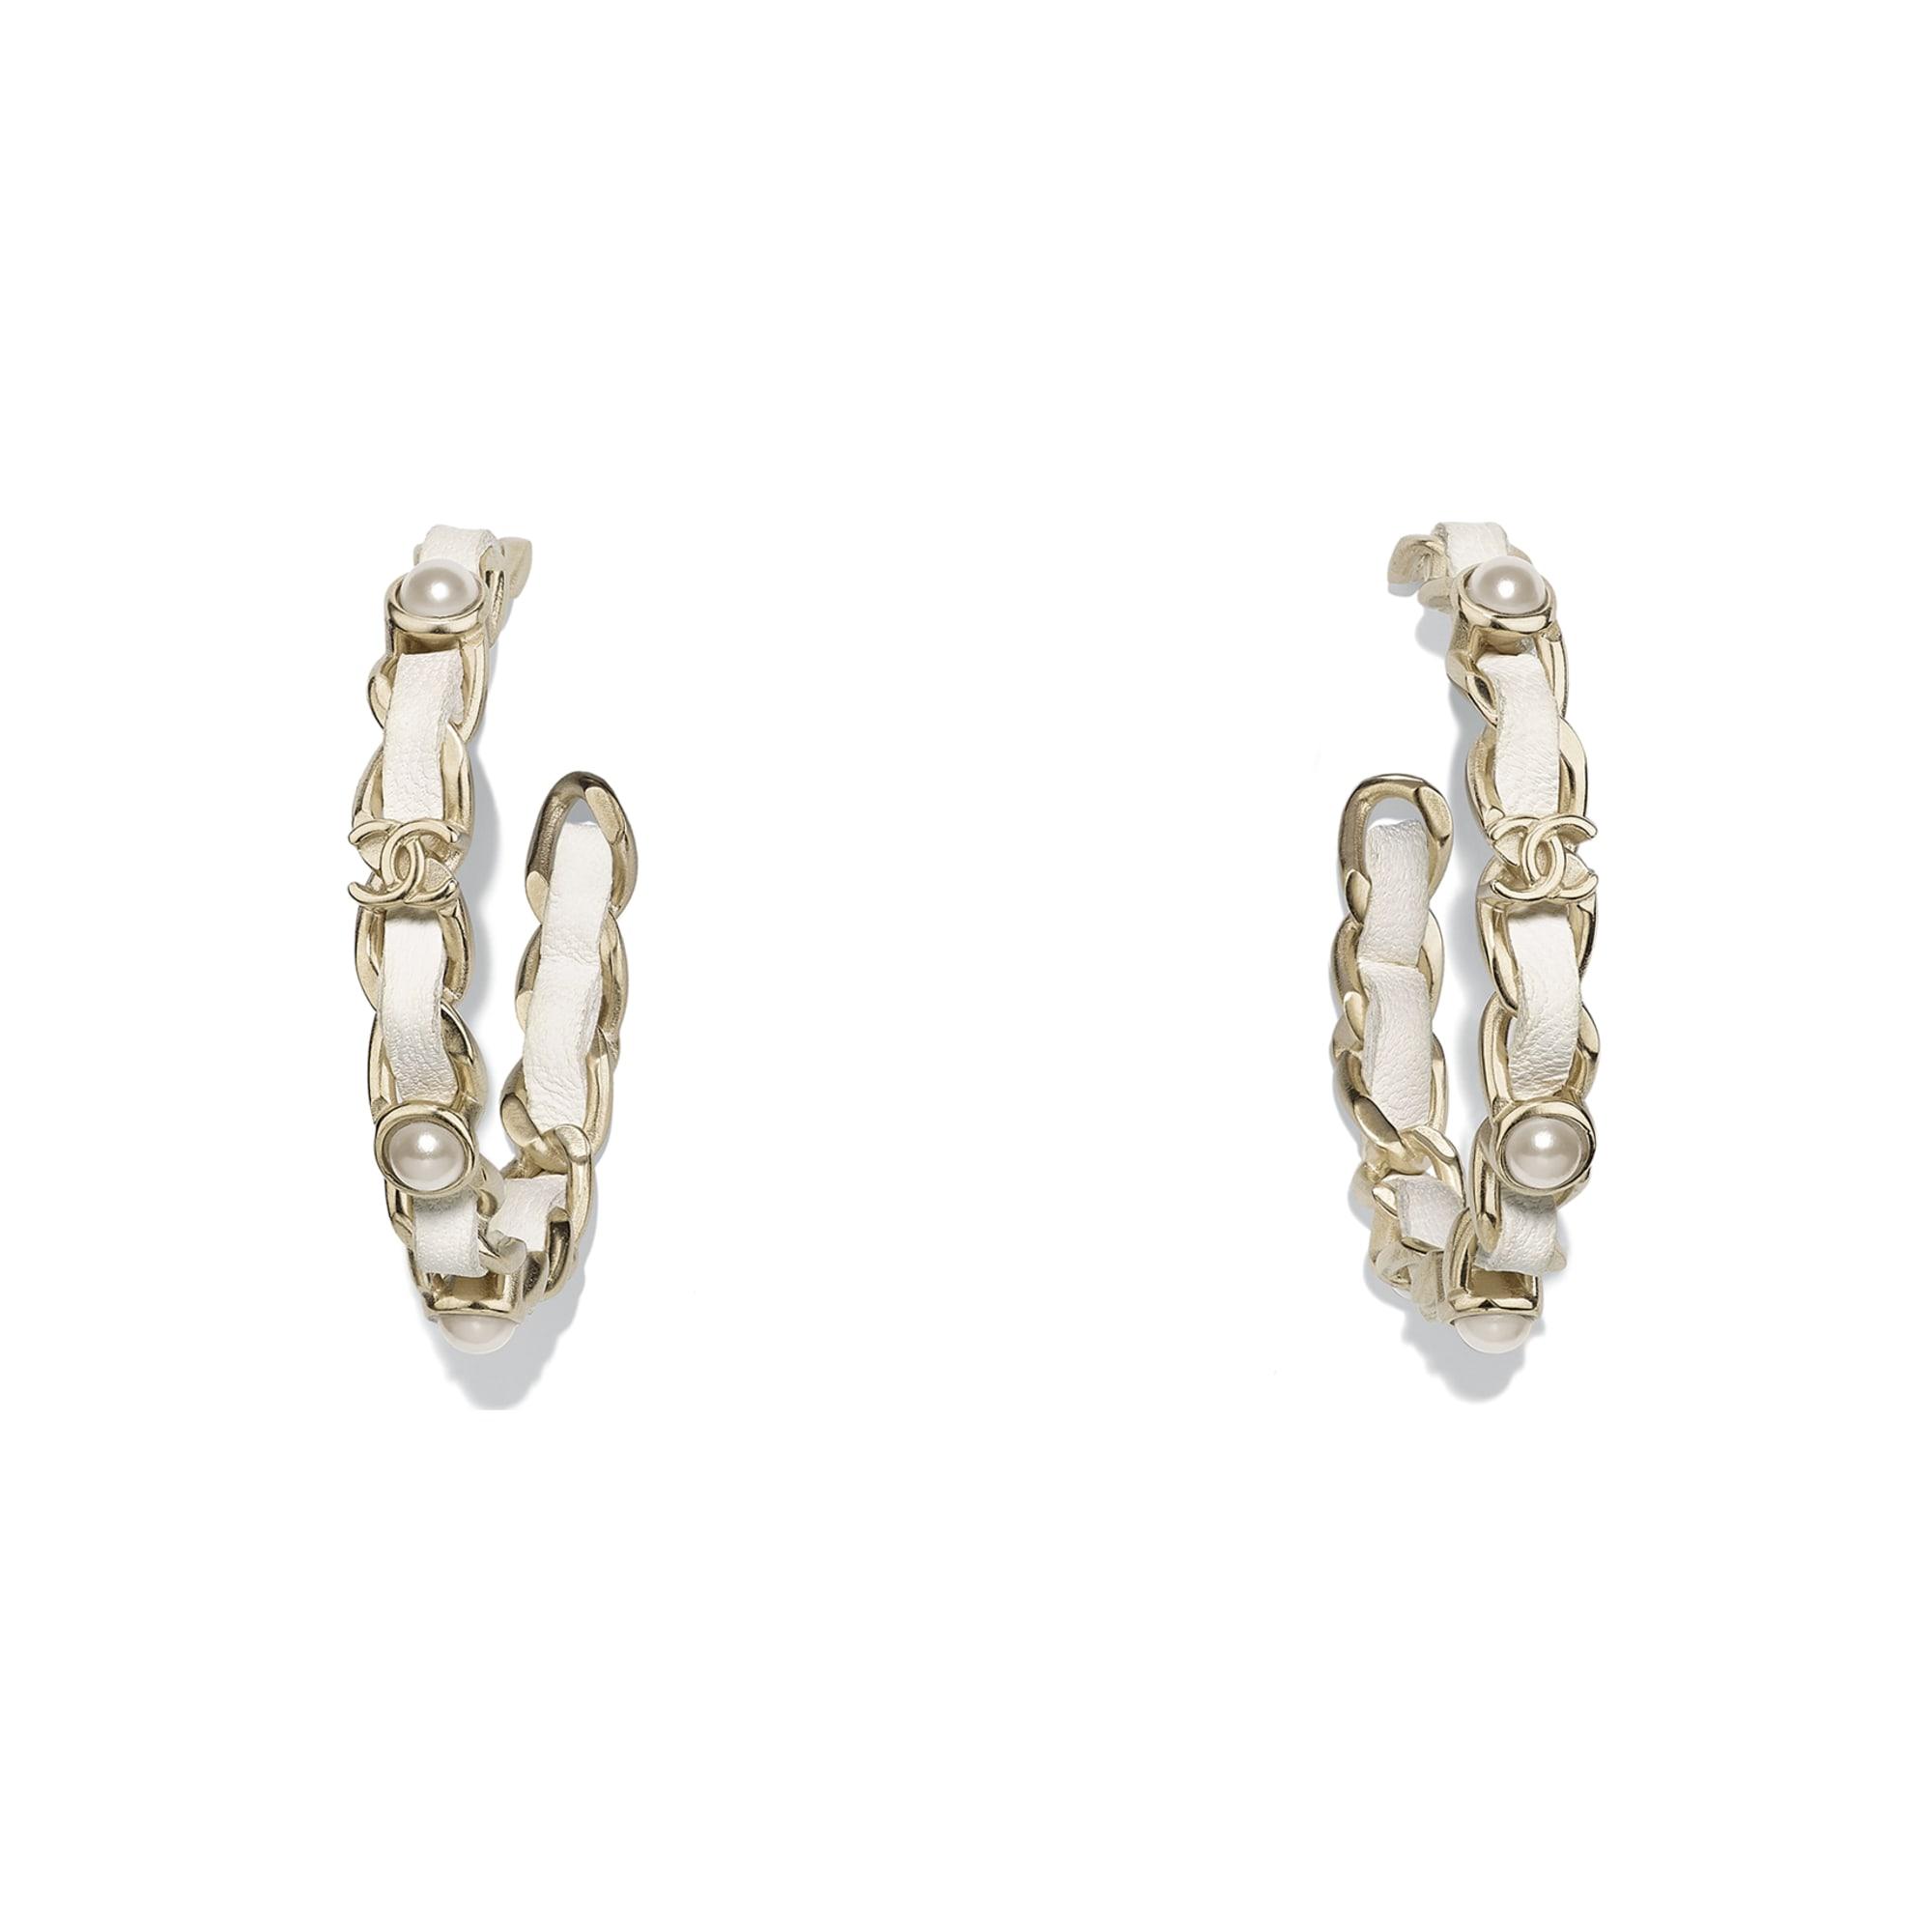 Kolczyki - Kolor złoty i biały - Metal, skóra jagnięca i sztuczne perły - Widok domyślny – zobacz w standardowym rozmiarze